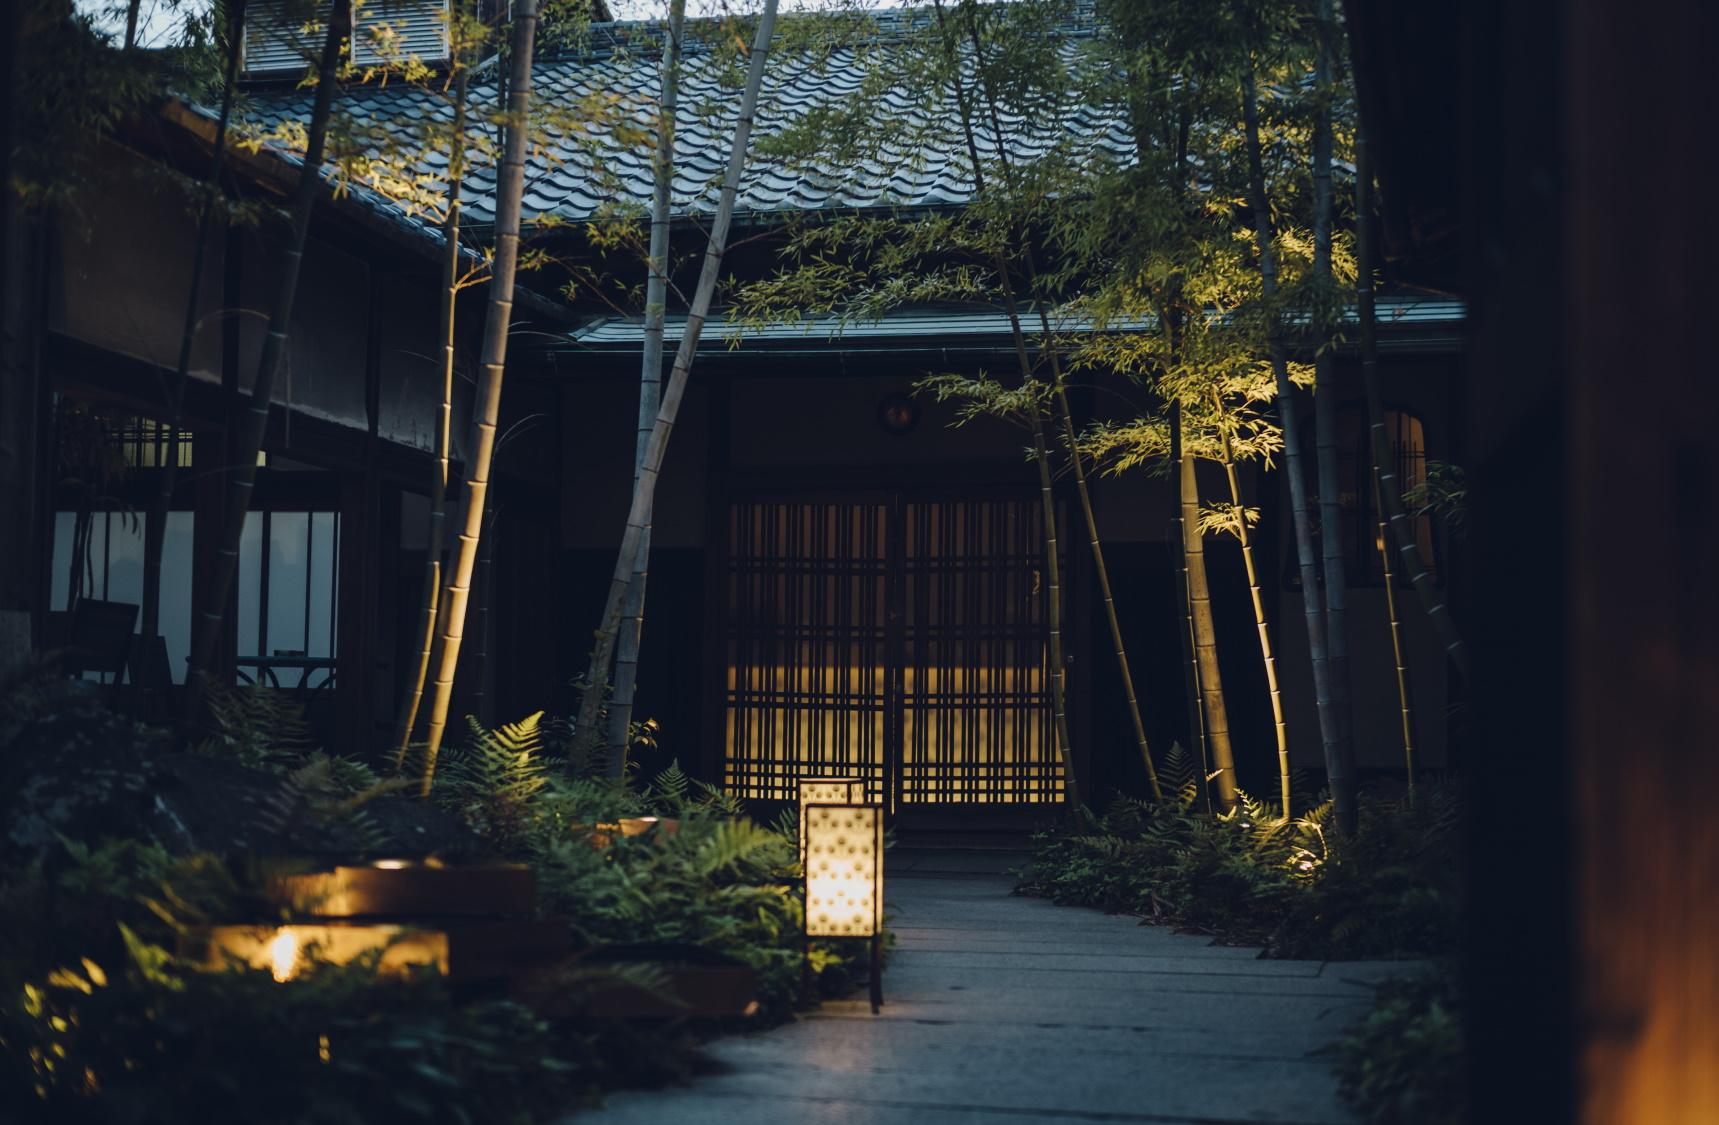 HOTEL VMG RESORT KYOTO(ホテル VMGリゾート 京都)